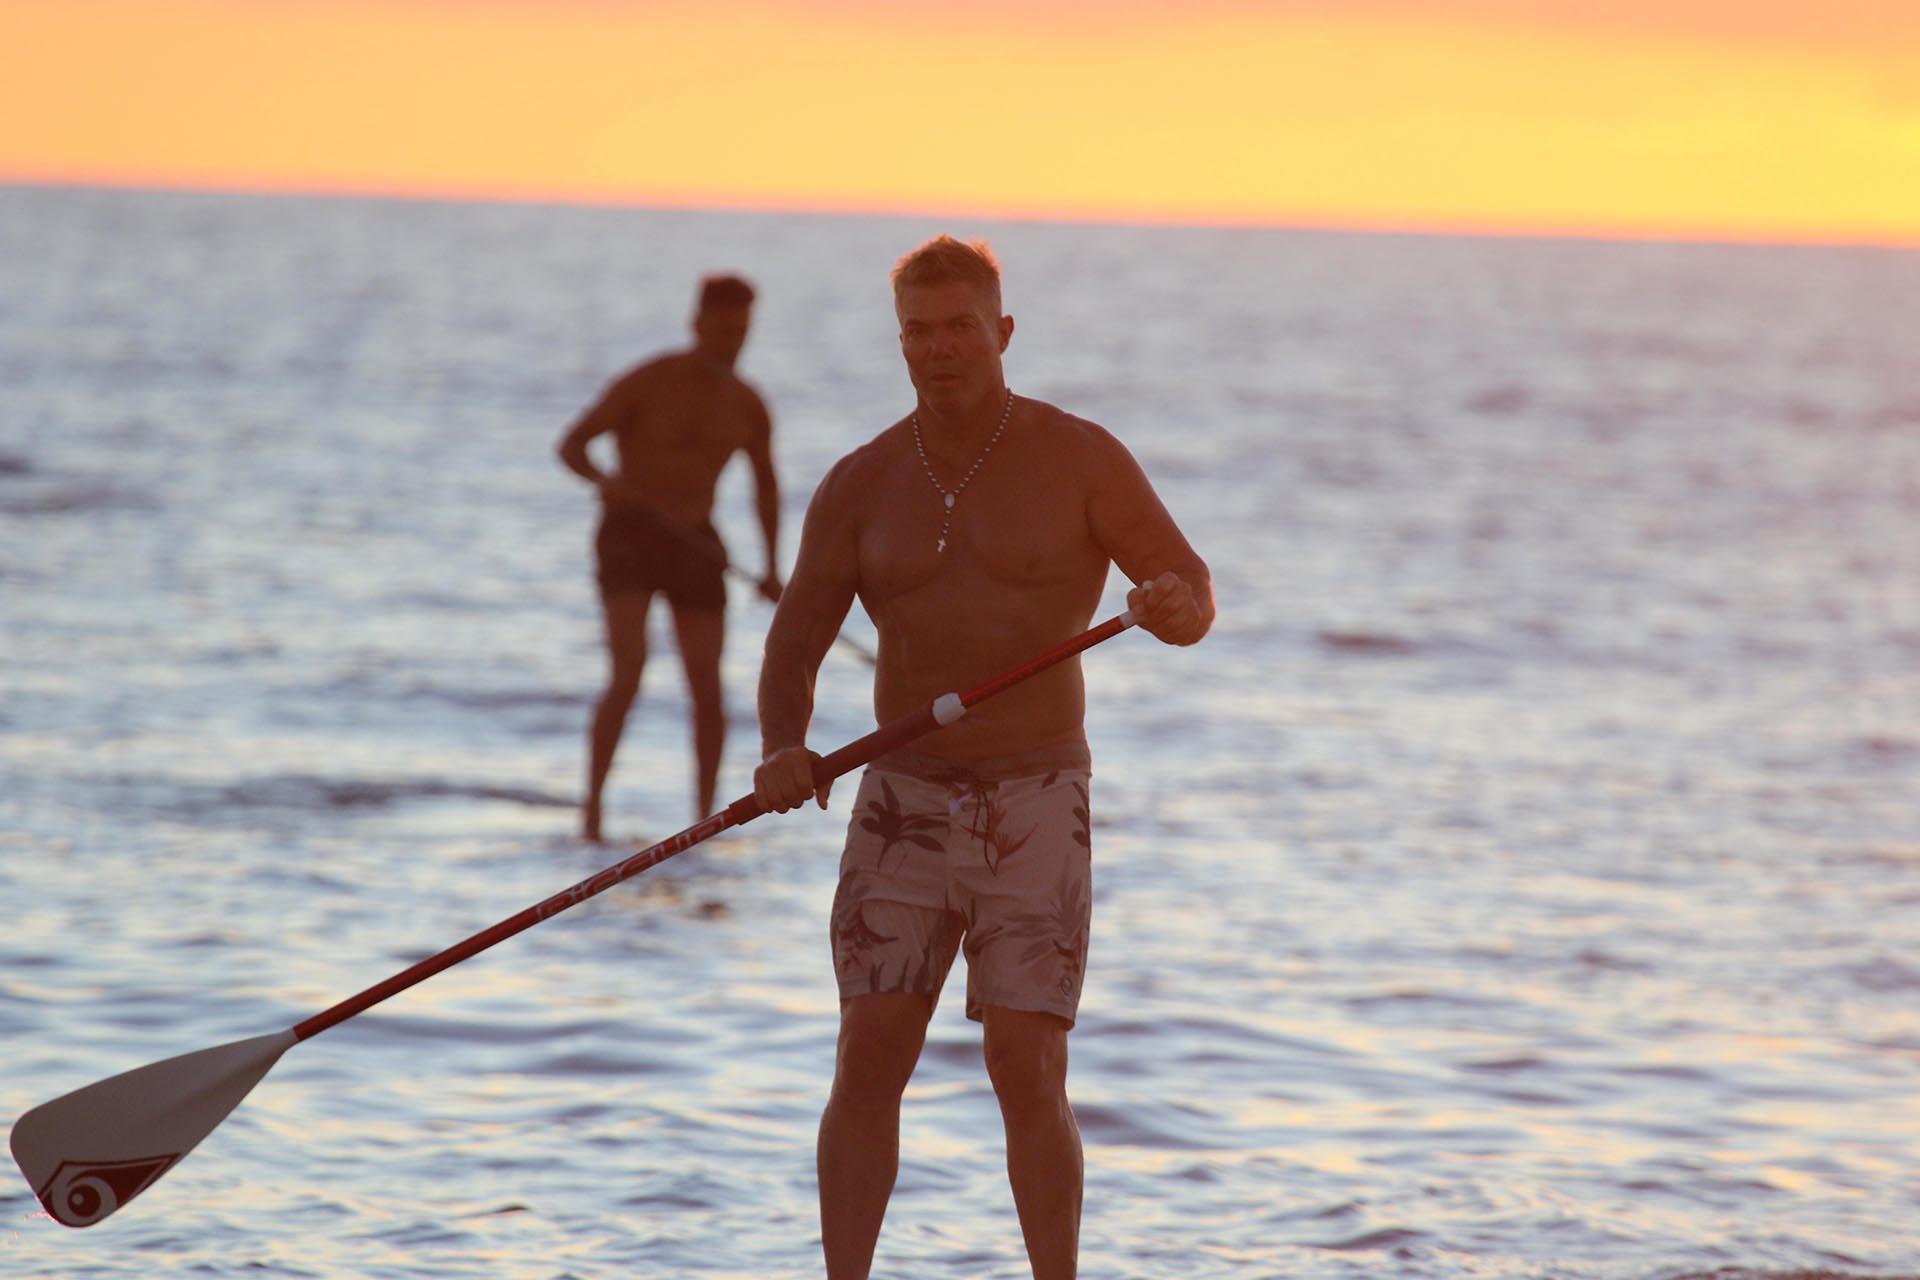 Con el atardecer esteño de fondo, el letrado despunta el vicio por una de las actividades que hacen furor en las playas uruguayas